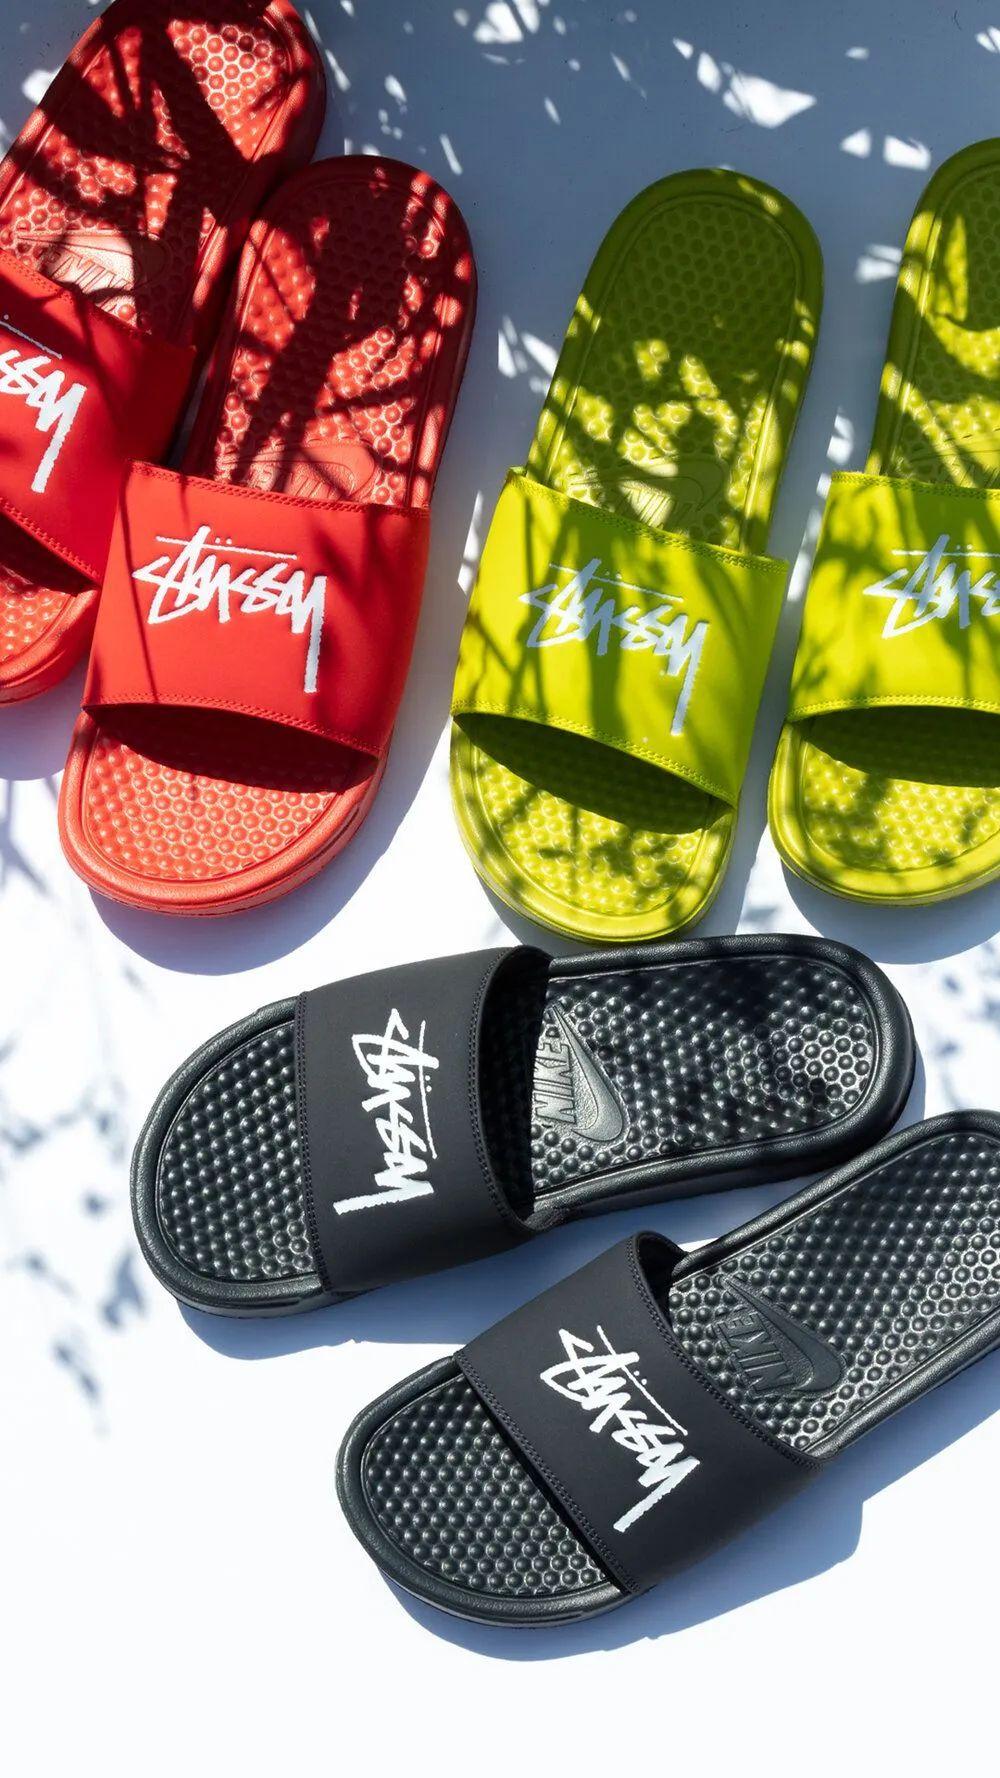 秒售罄?Stussy x 耐克AF1材质拖鞋配色突袭,今晚限量发售!